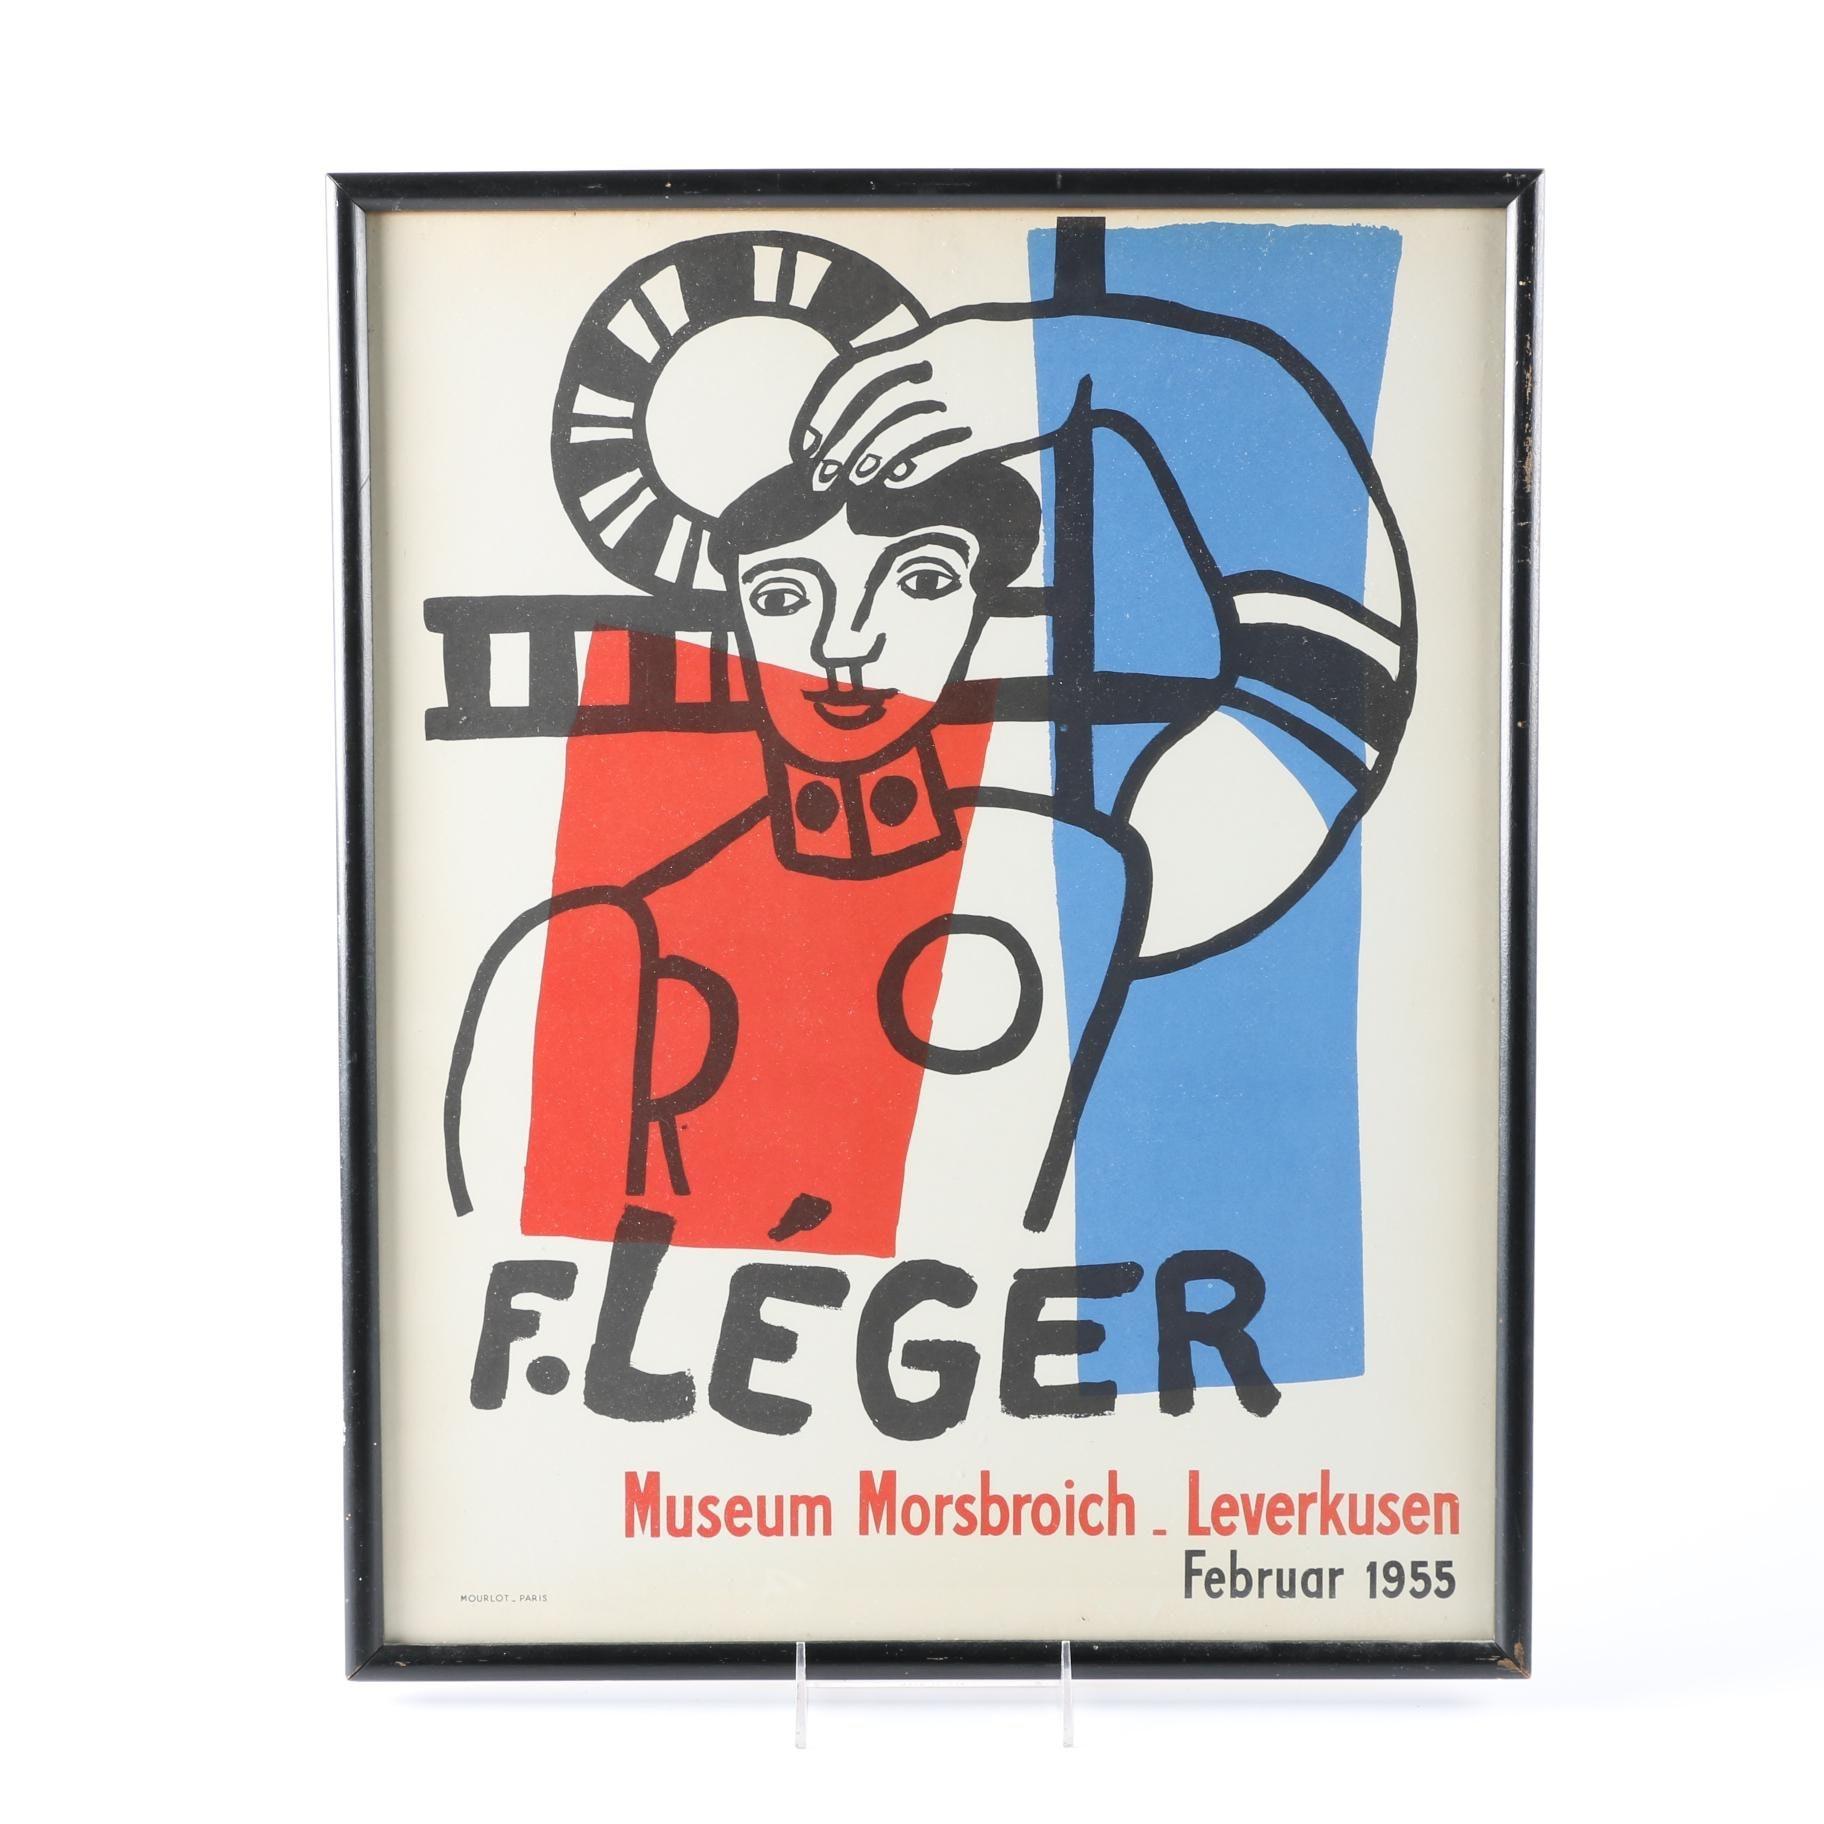 Fernand Leger Lithograph for Museum Morsbroich